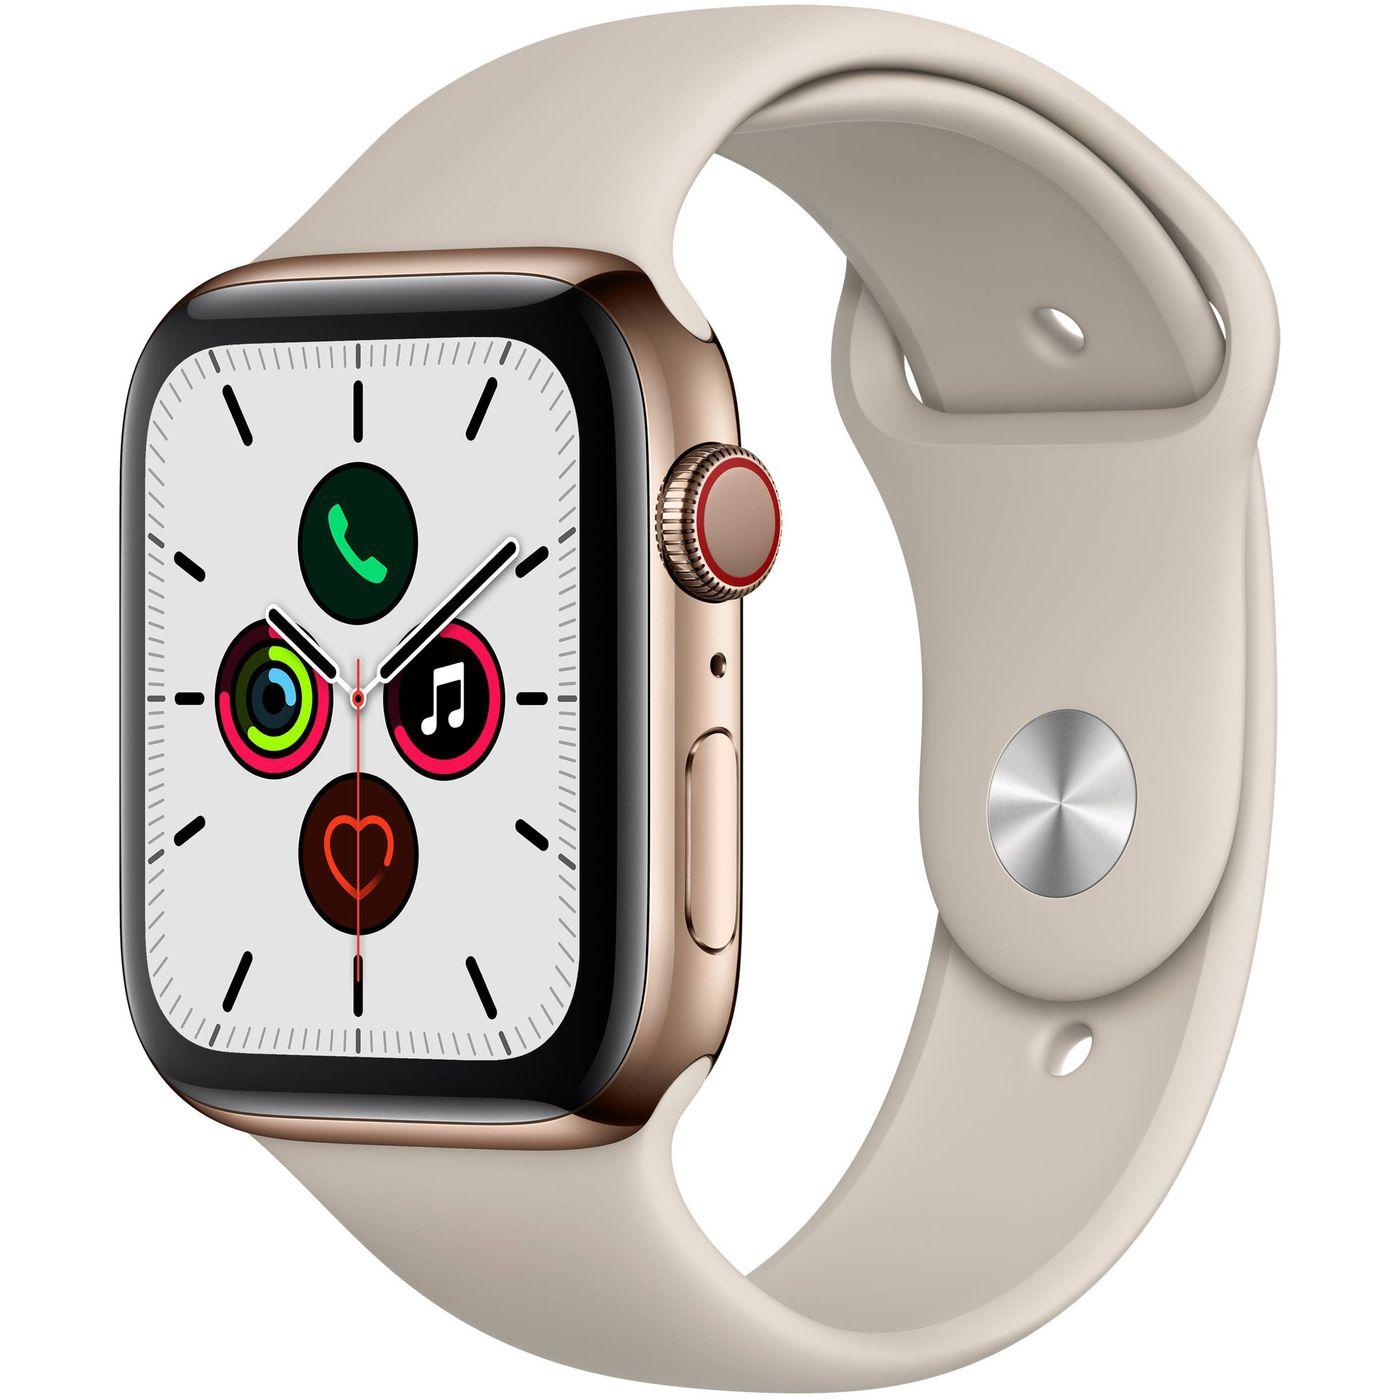 Ho provato Apple Watch 5. Perché è così superiore alla concorrenza.